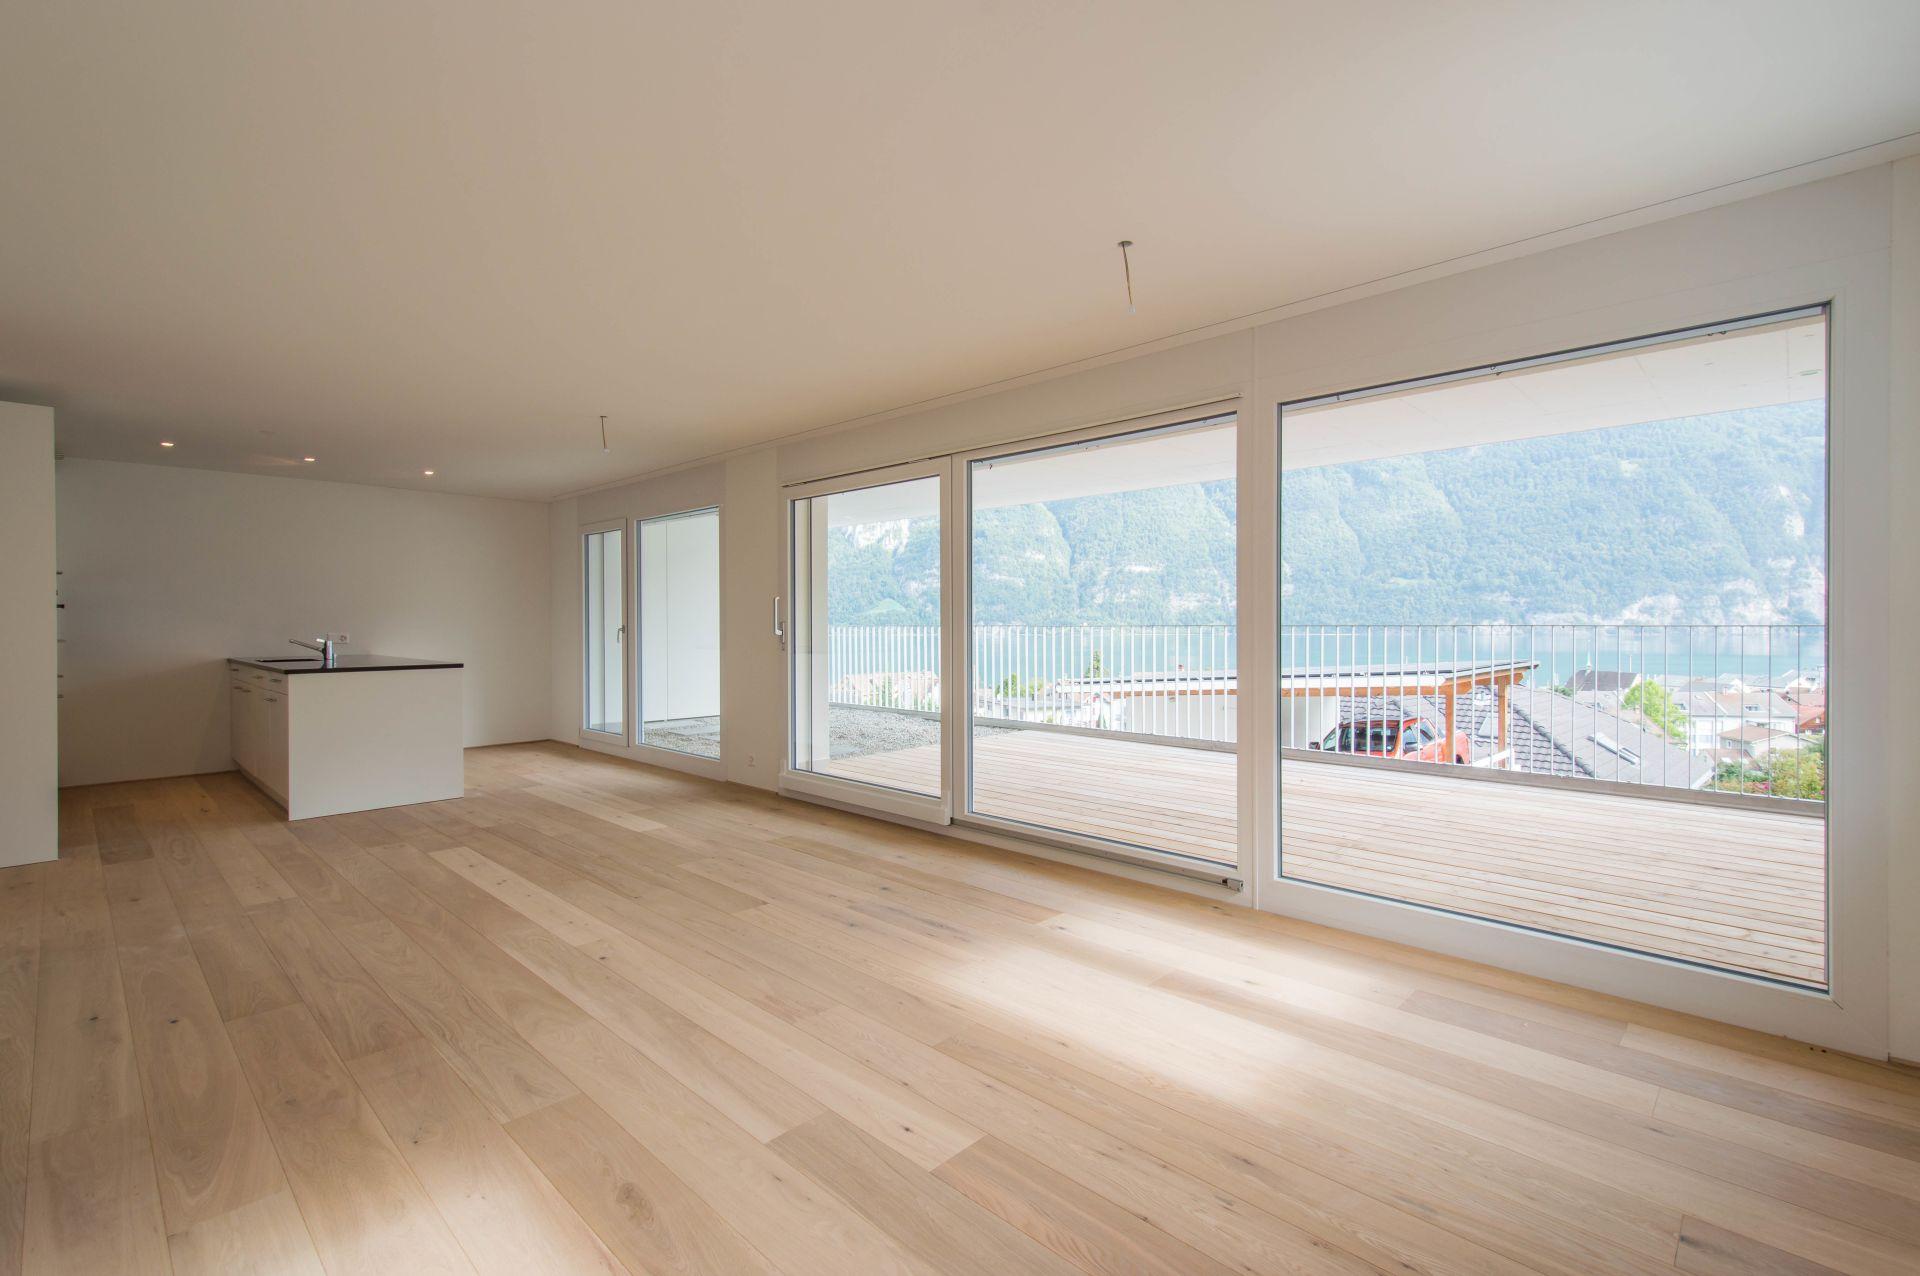 Miete: Attraktive Wohnung mit toller Aussicht in der Residenz Seeblick